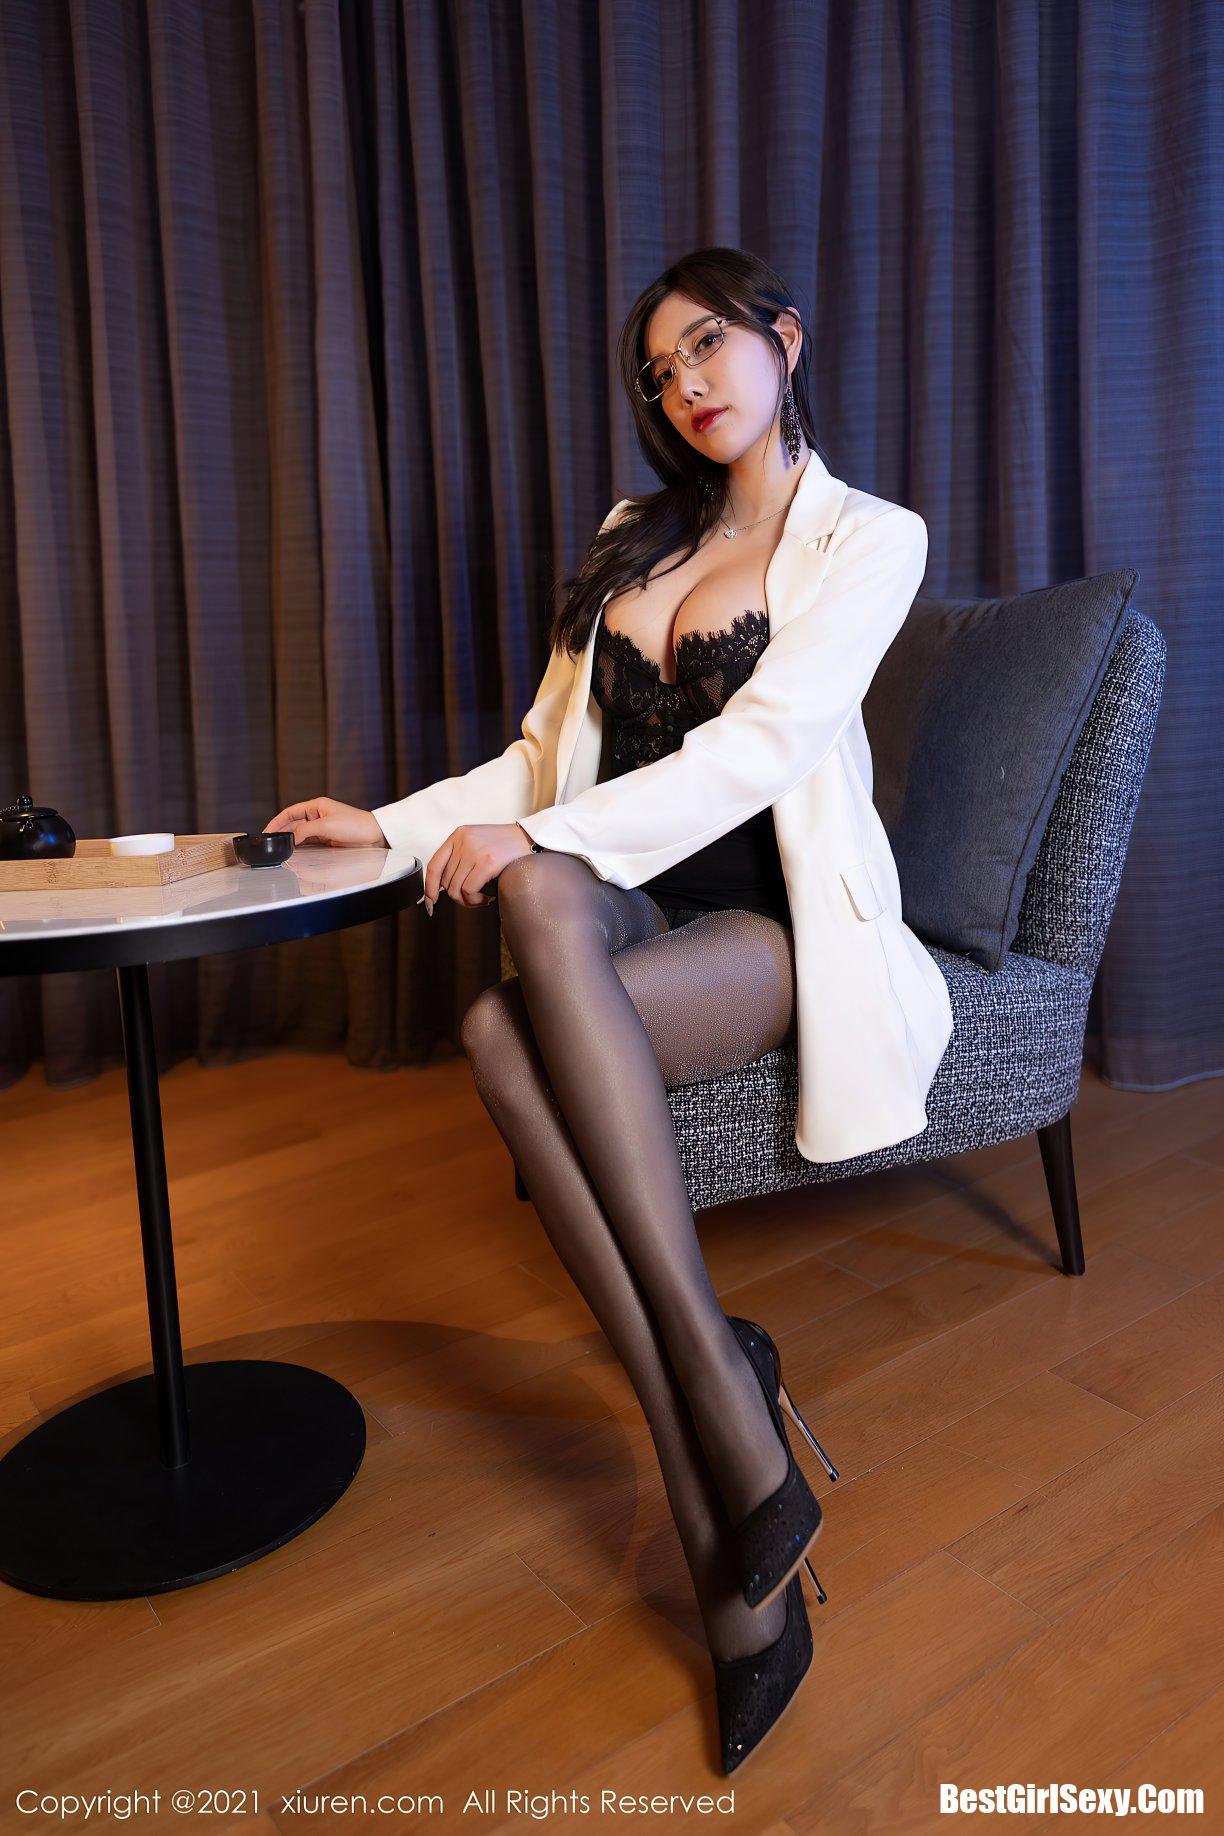 杨晨晨Yome, Yang Chen Chen, XiuRen秀人网 No.3781 Yang Chen Chen, XiuRen秀人网 No.3781